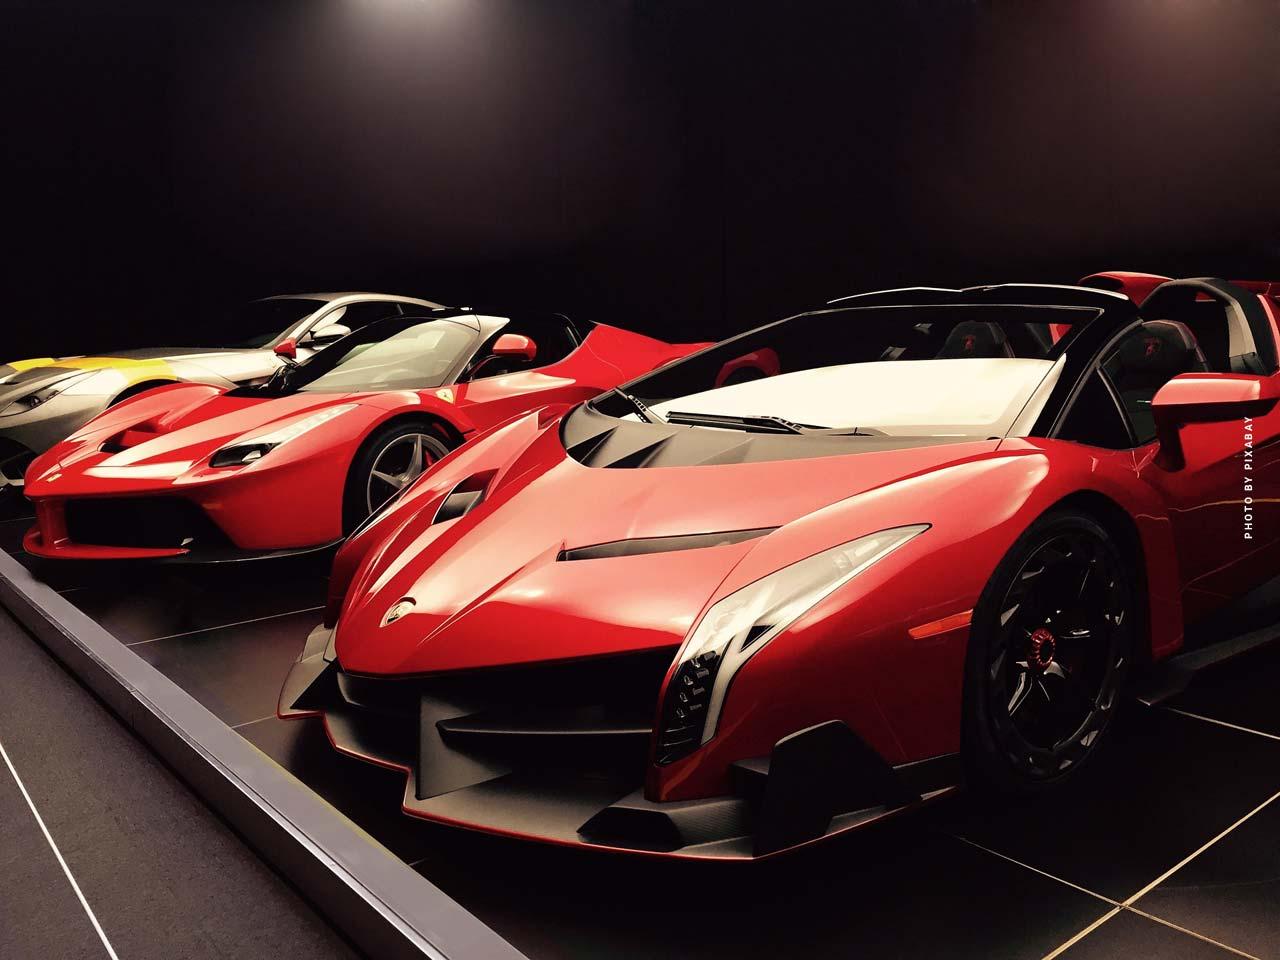 Acquistare la Ferrari come investimento di capitale: I modelli Ferrari più costosi